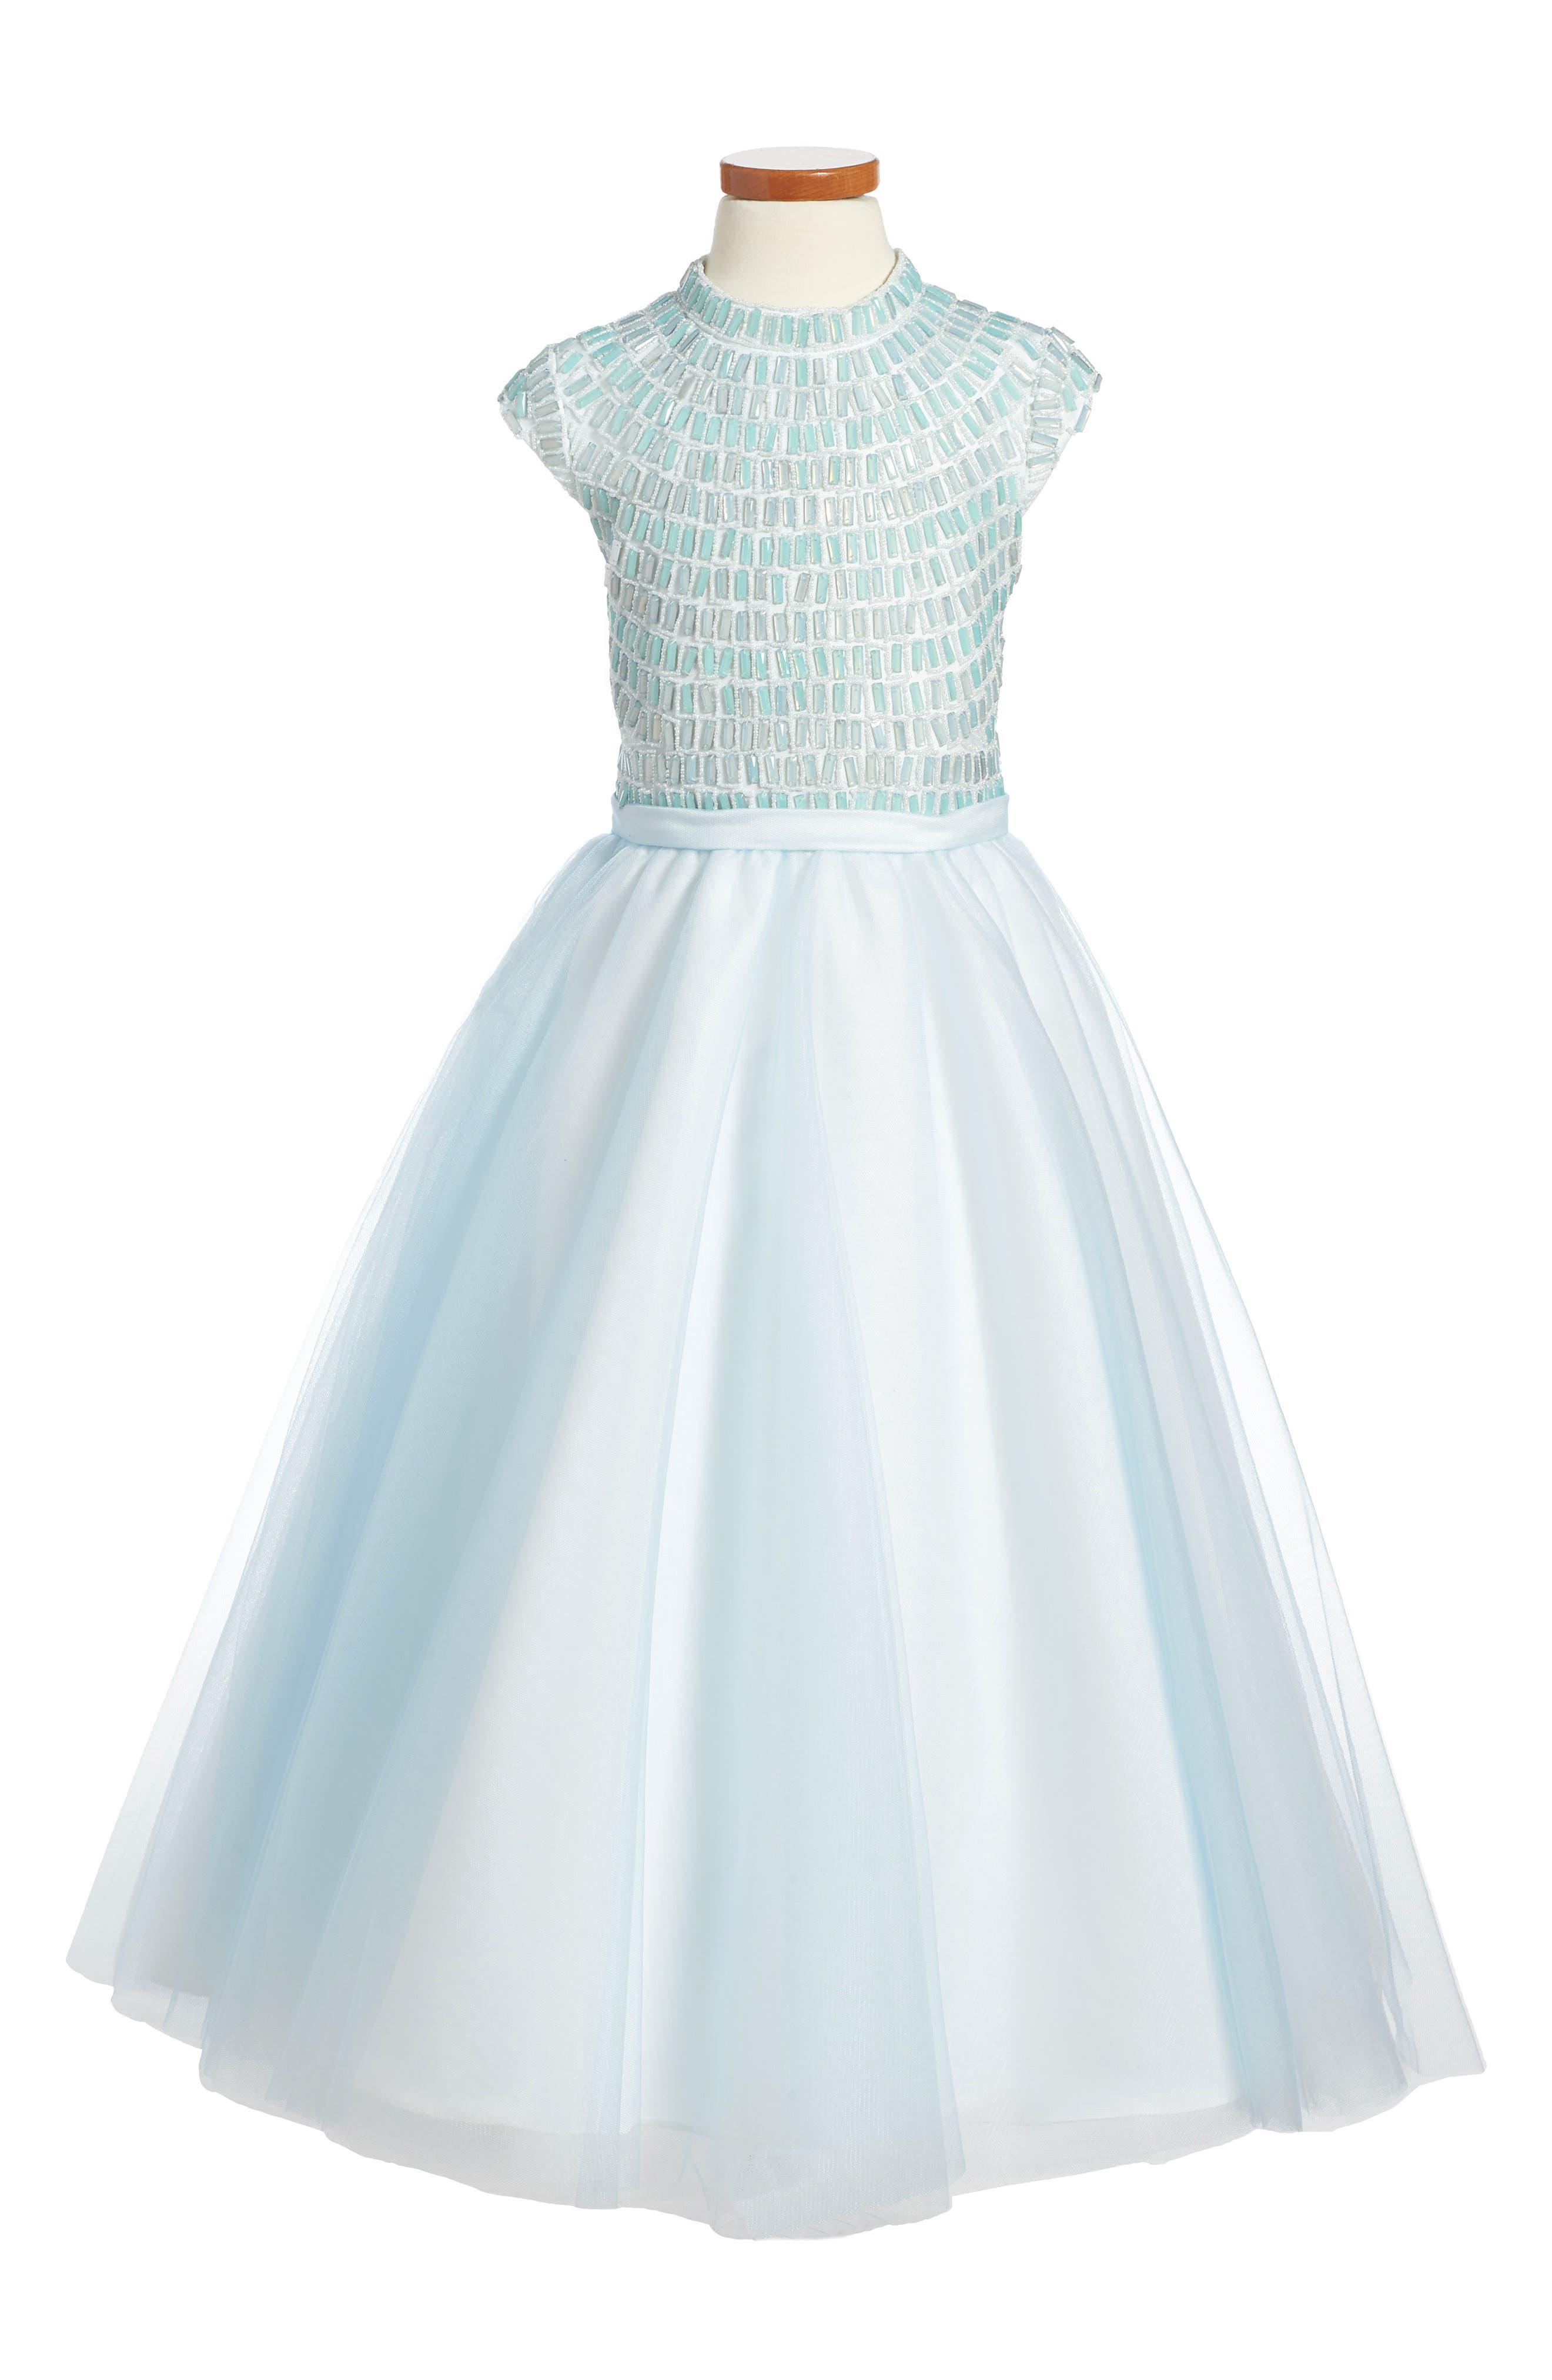 Alternate Image 1 Selected - Joan Calabrese for Mon Cheri Beaded Dress (Little Girls & Big Girls)